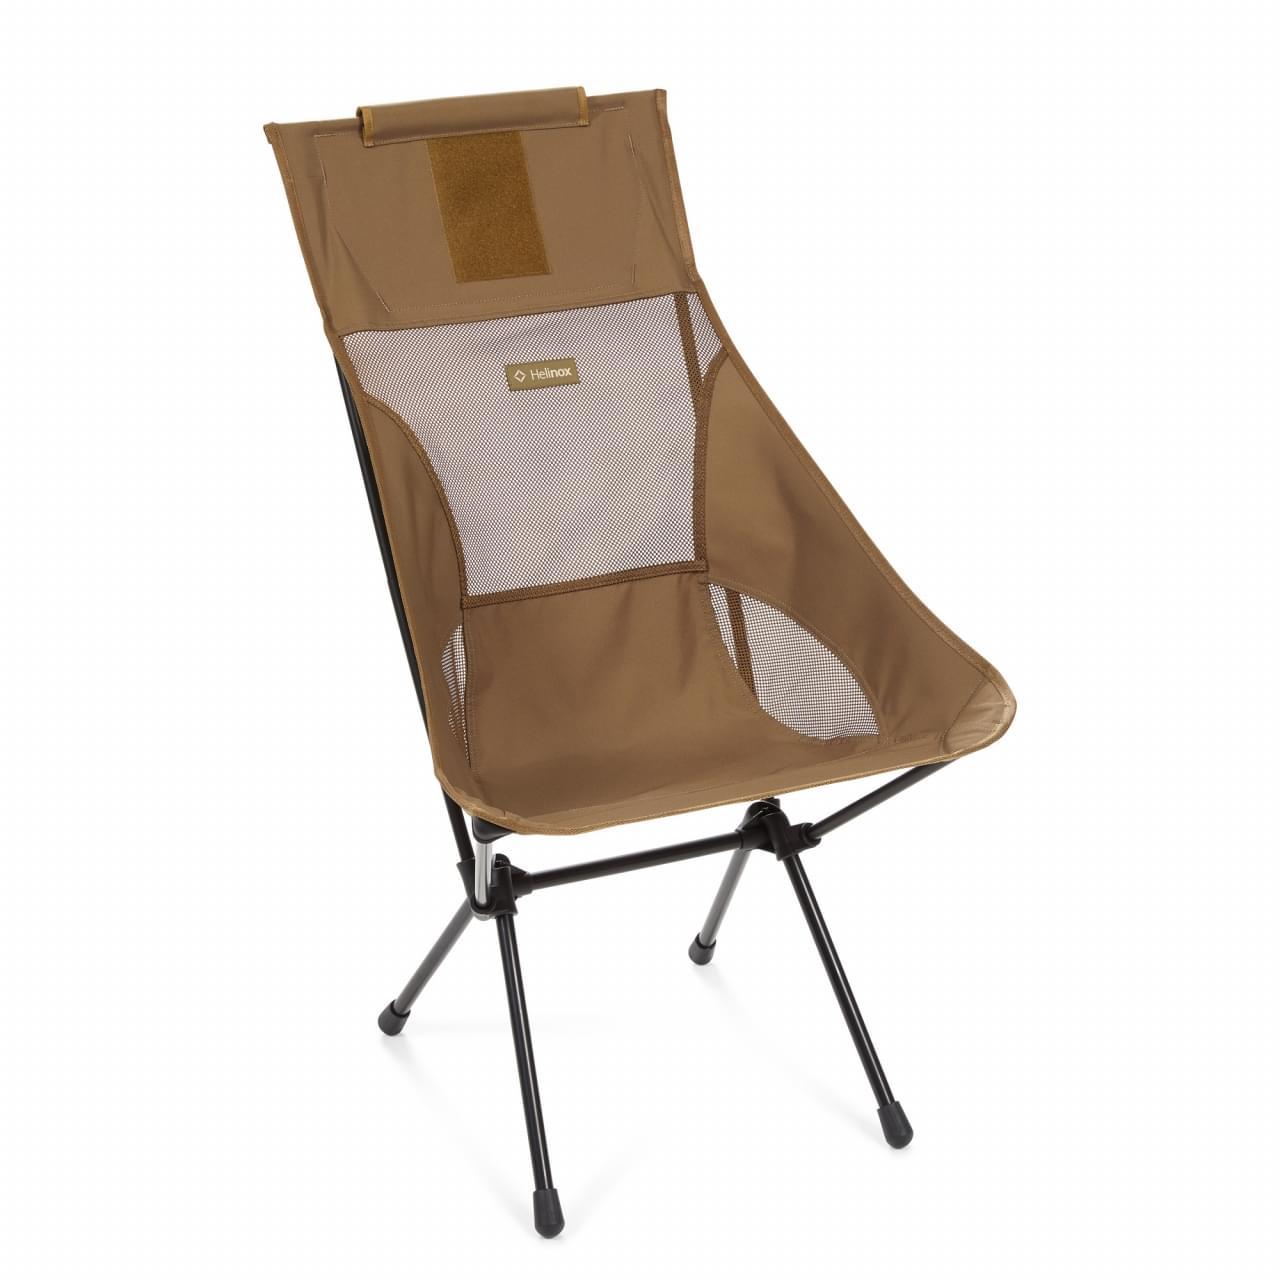 Helinox Sunset Chair Lichtgewicht Stoel Bruin